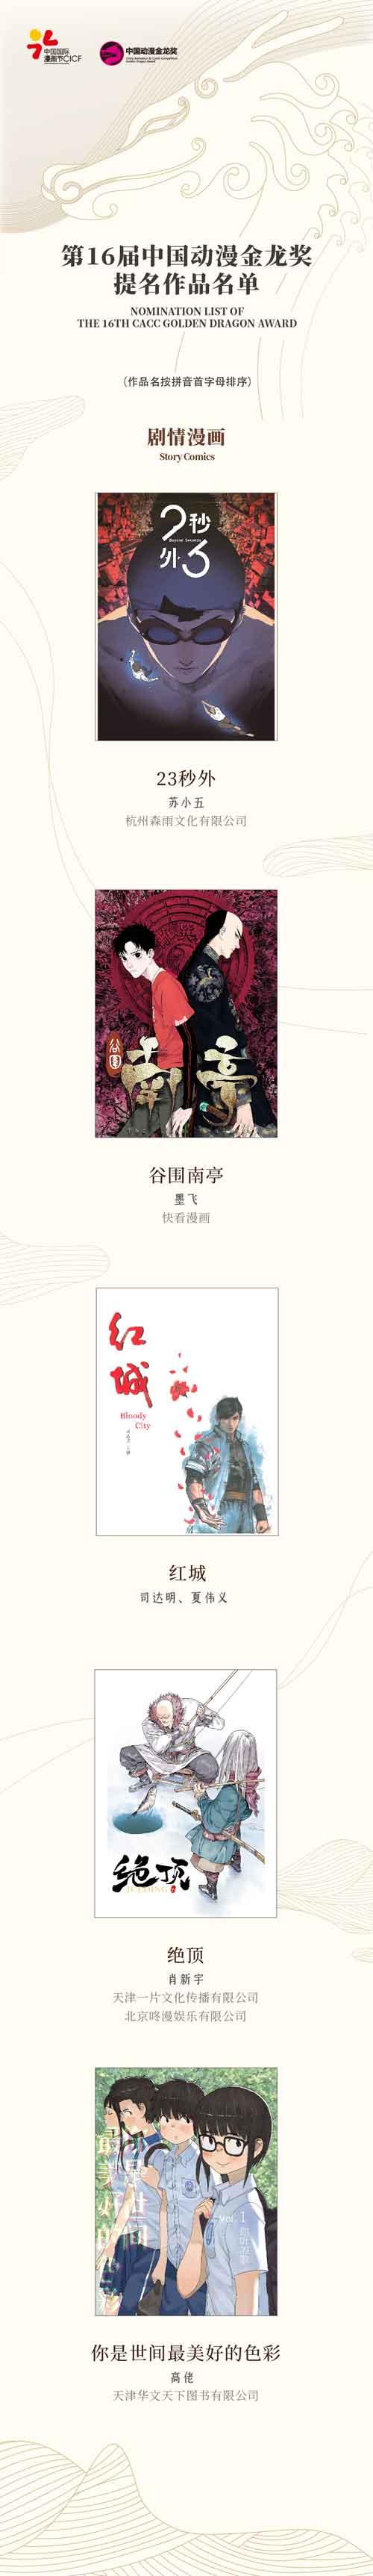 第16届中国动漫金龙奖提名名单揭晓! 原创专区-第4张